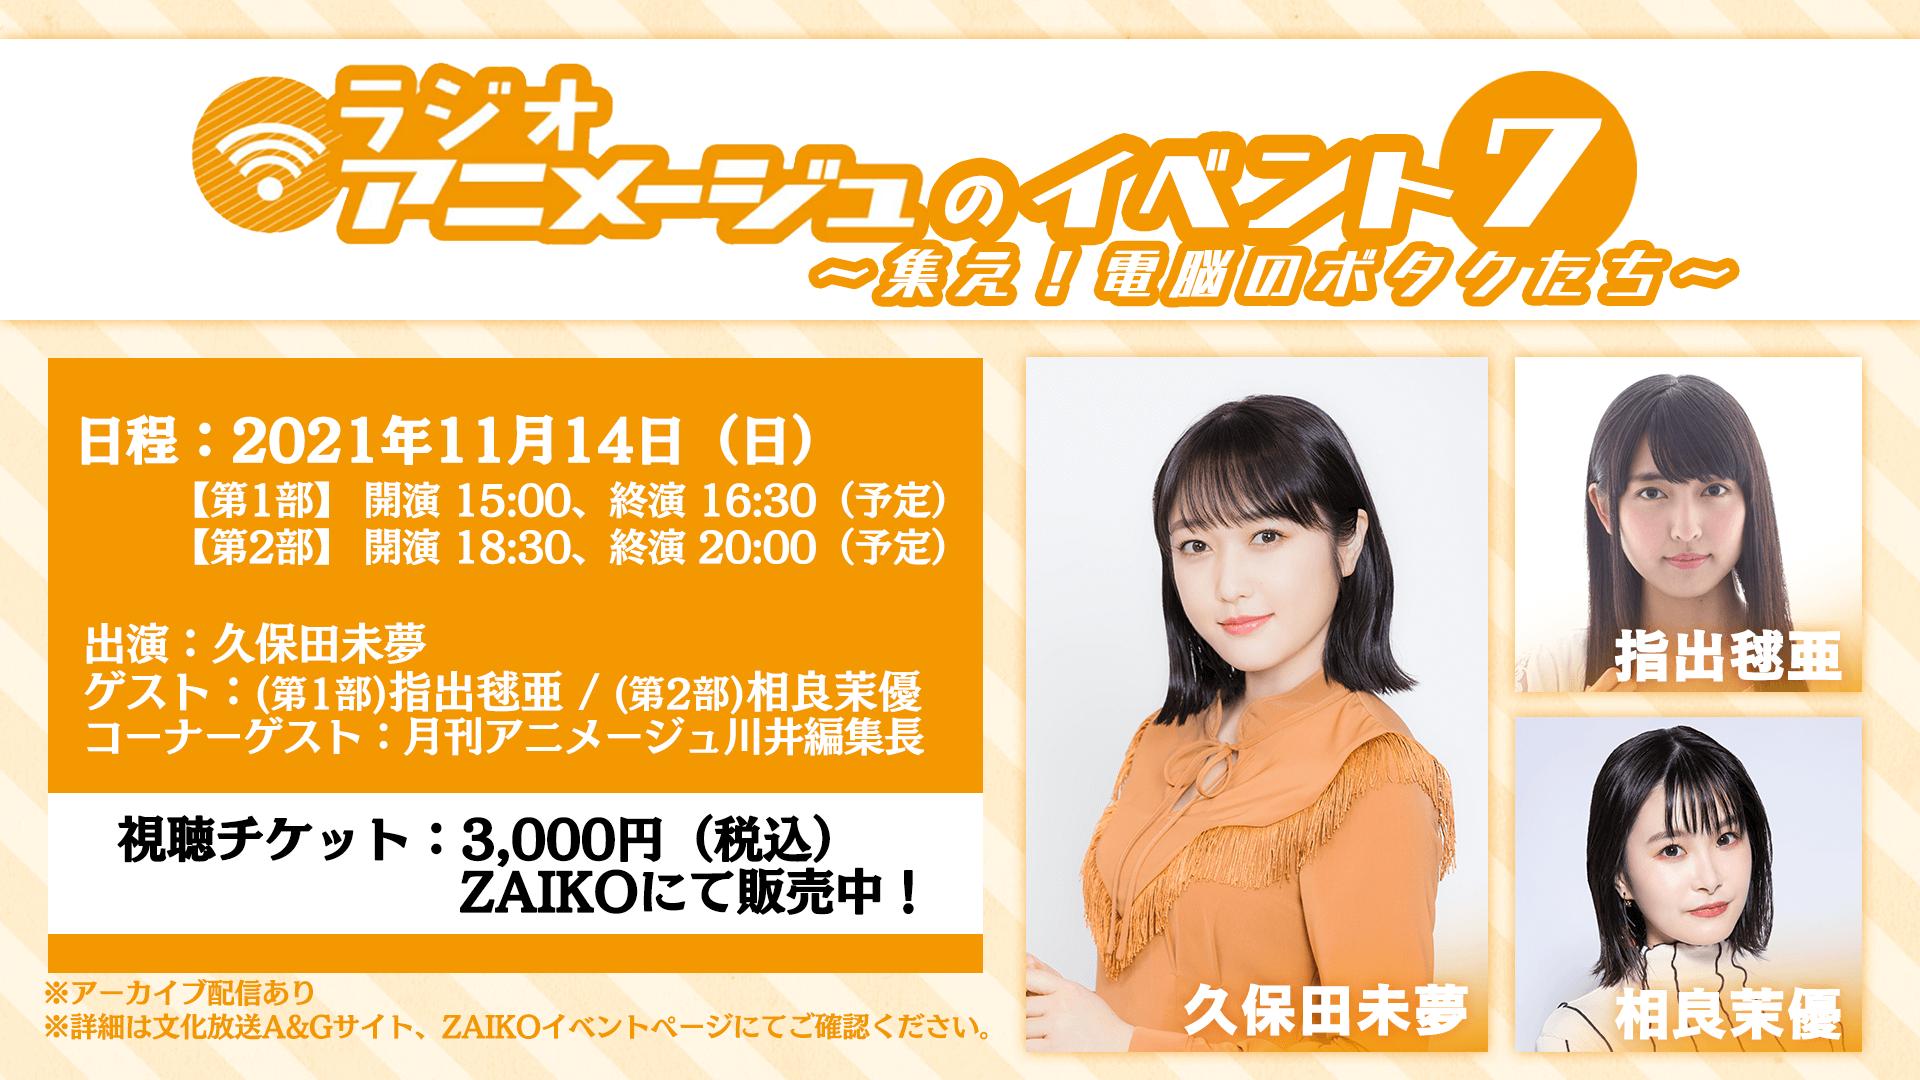 11/14(日)『ラジオアニメージュ』オンラインイベント開催!ゲストには指出毬亜さん&相良茉優さん!